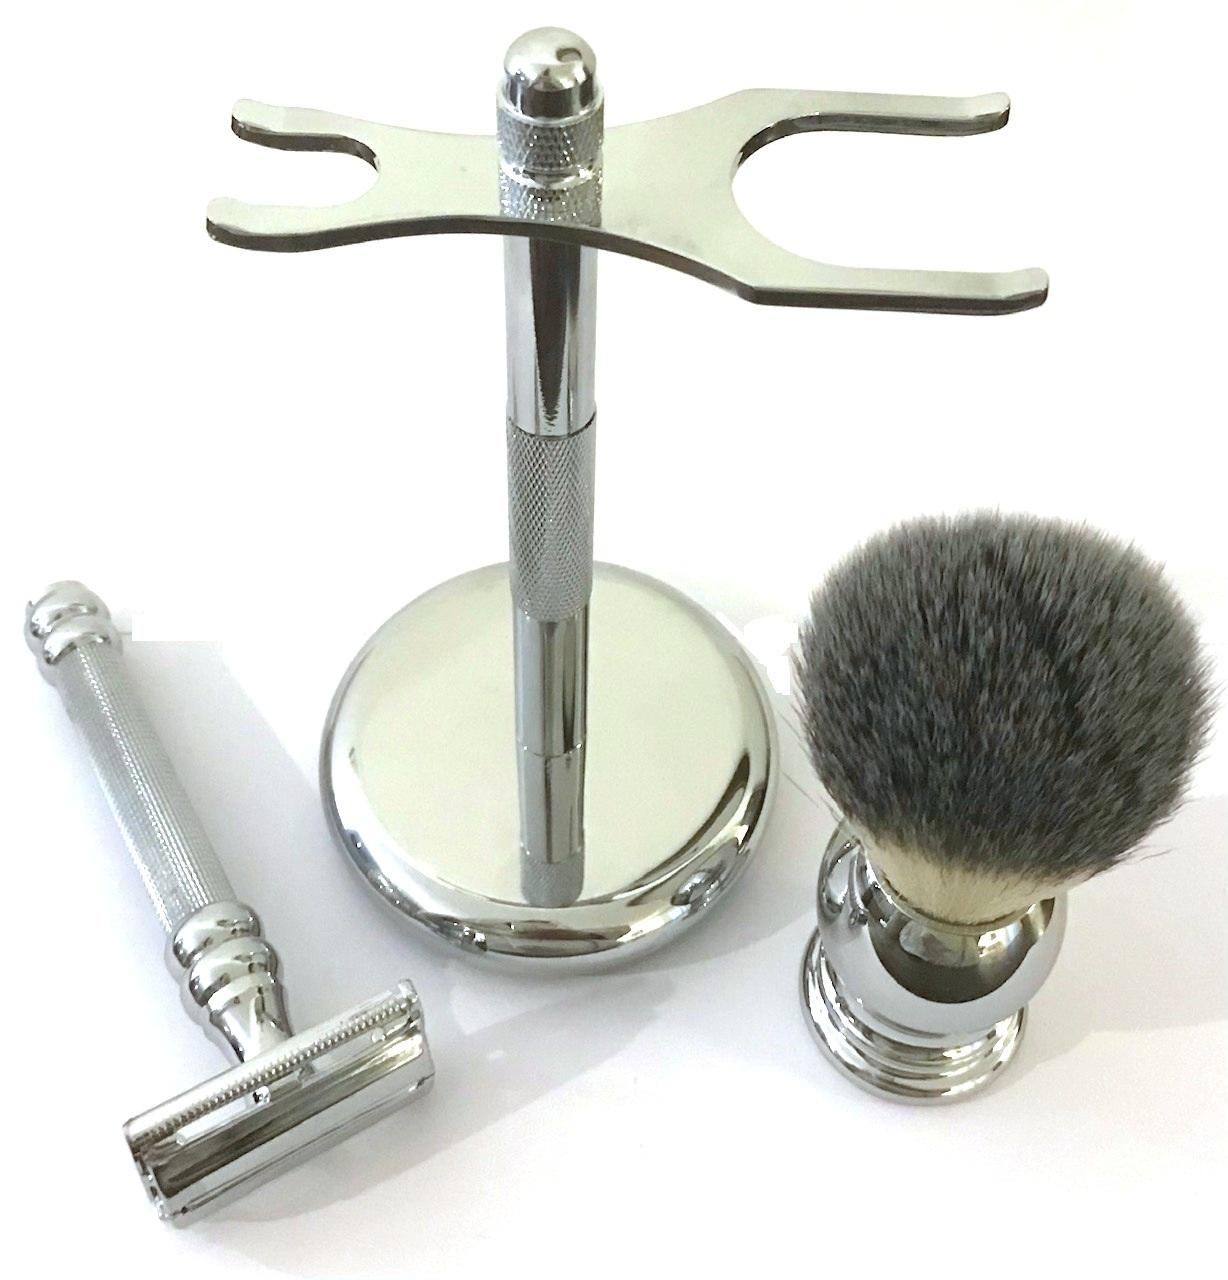 סט מוצרי גילוח כרום